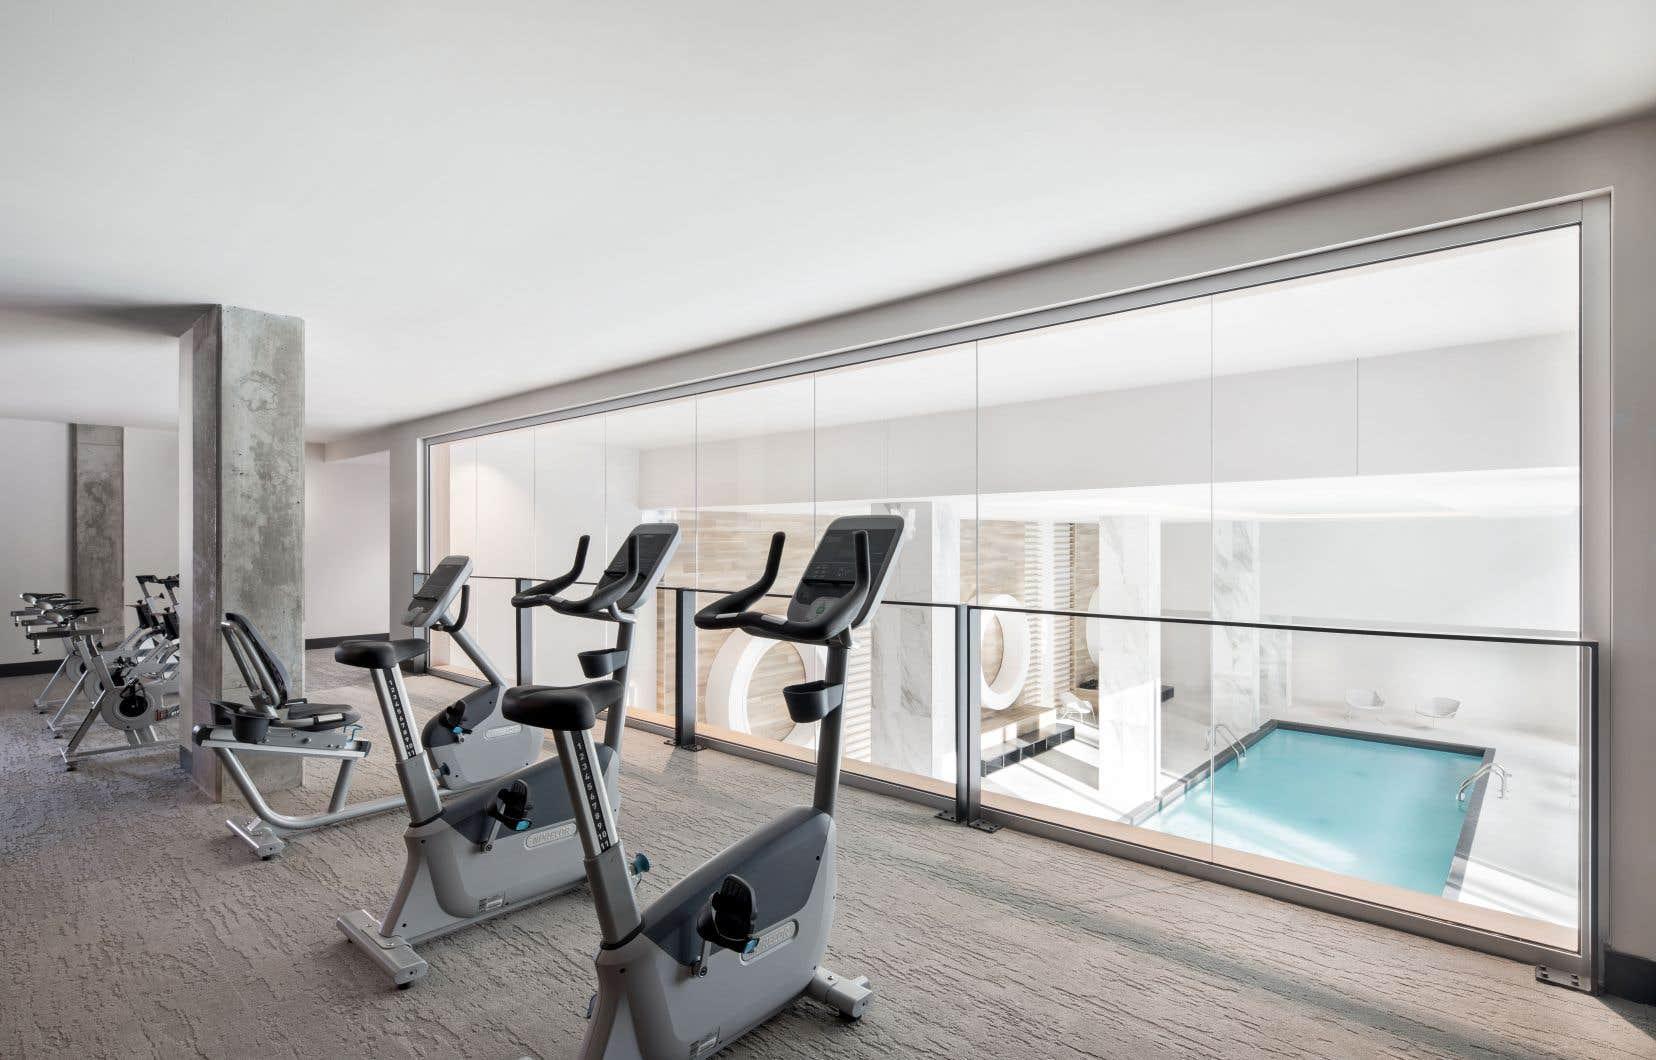 Le vaste centre sportif du projet, dont les promoteurs viennent tout juste de terminer la construction, comprend une grande salle d'entraînement ainsi qu'un spa.